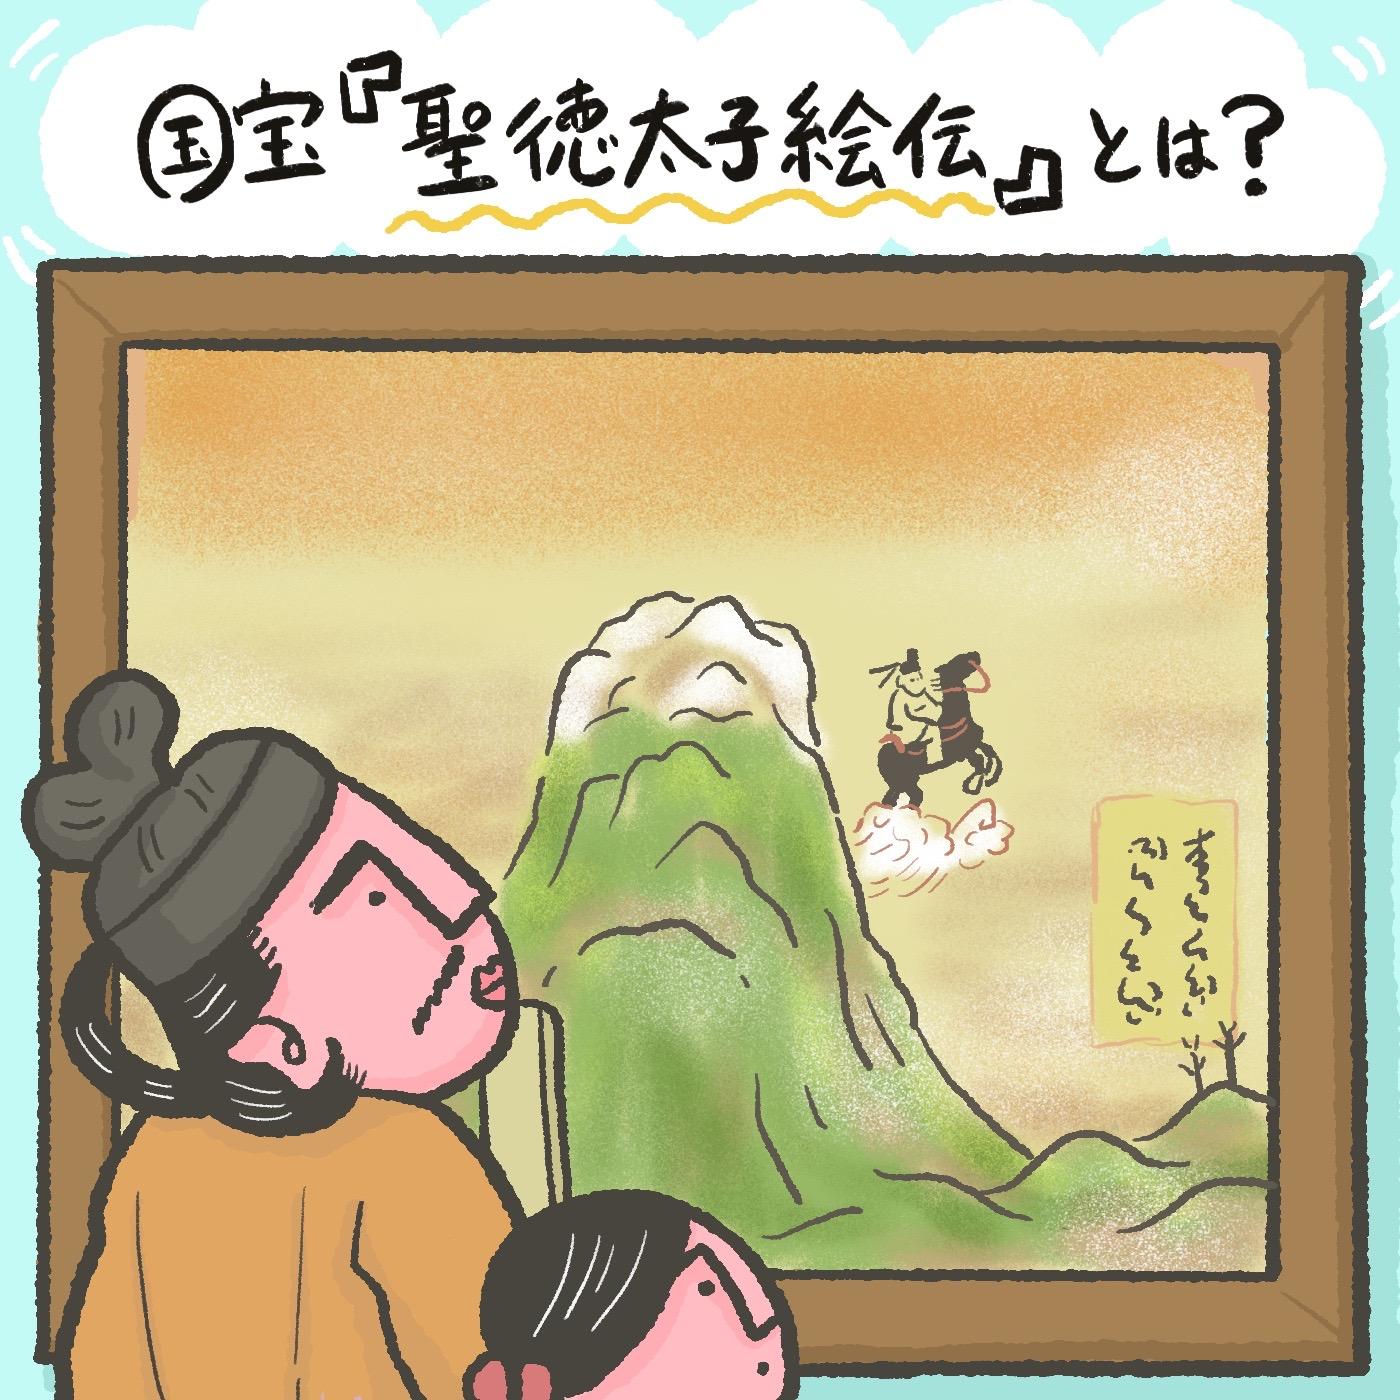 国宝『聖徳太子絵伝』 東京国立博物館 トーハク 聖徳太子 国宝 OBIKAKE ナニソレ